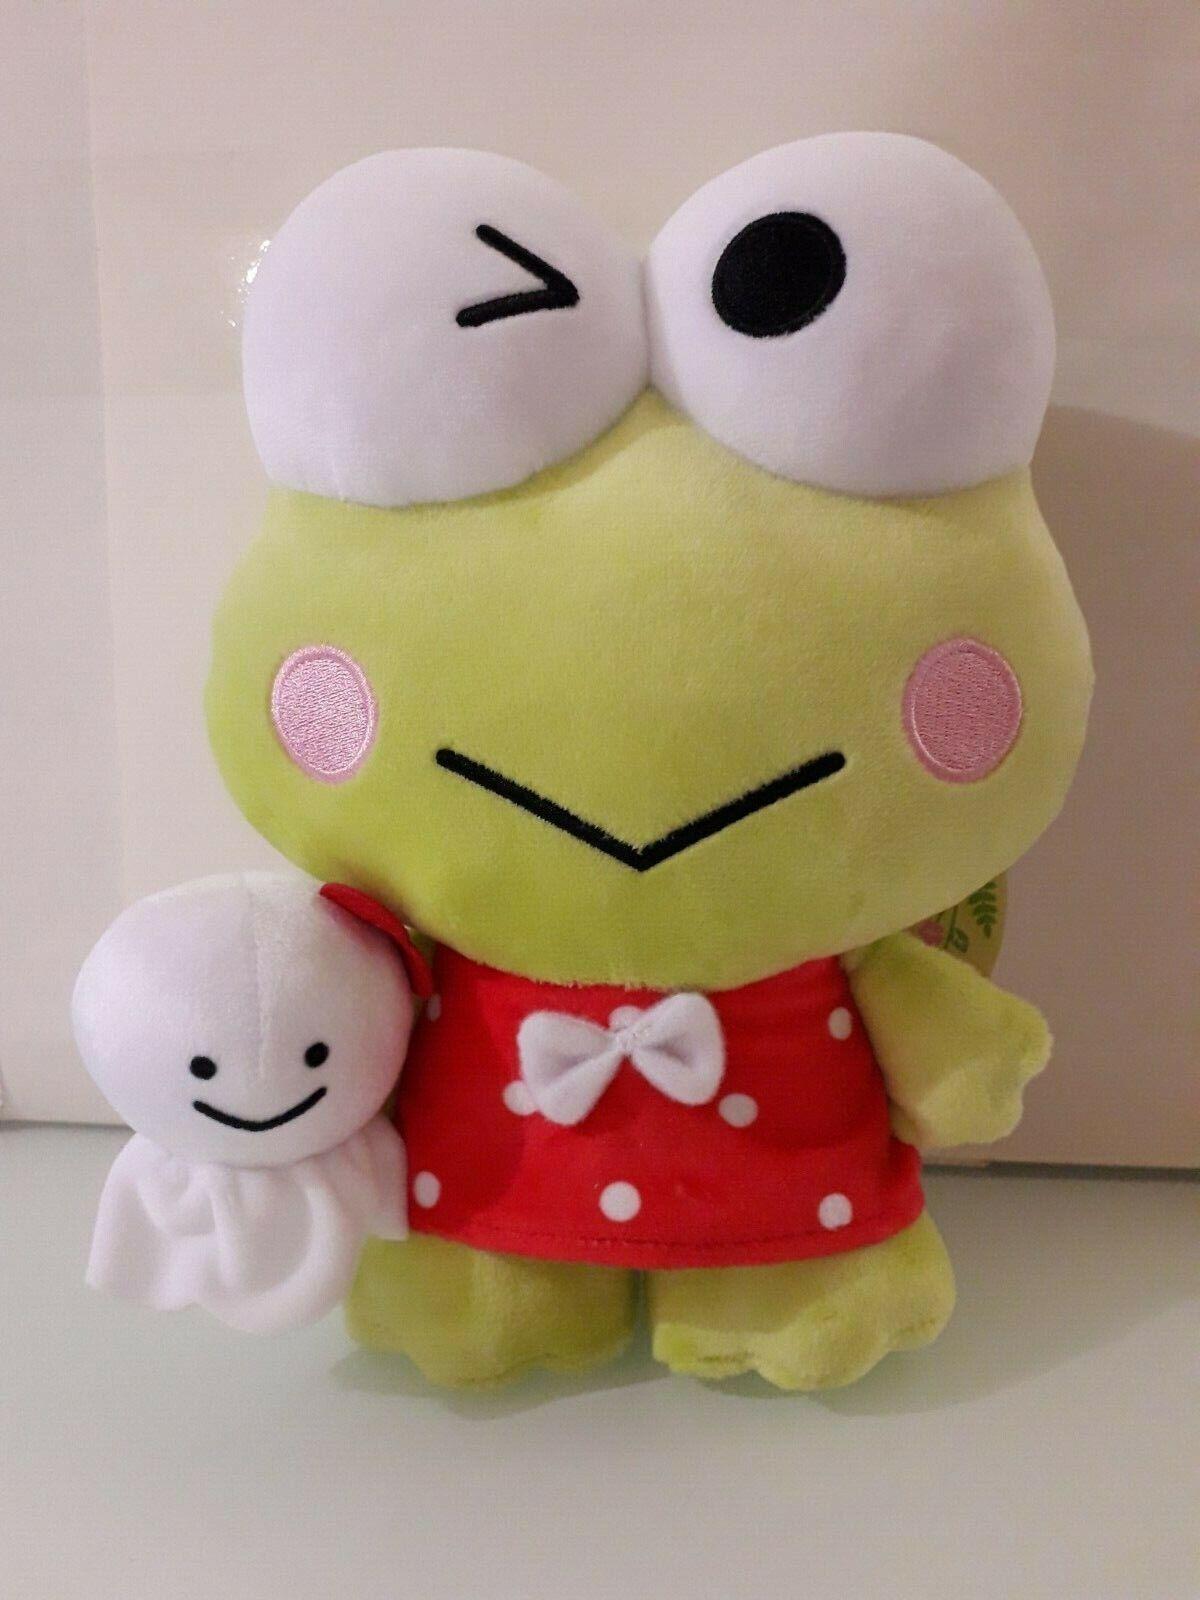 Sanrio Japan Kero Kero Keroppi Magnet Plush Doll Price reduction